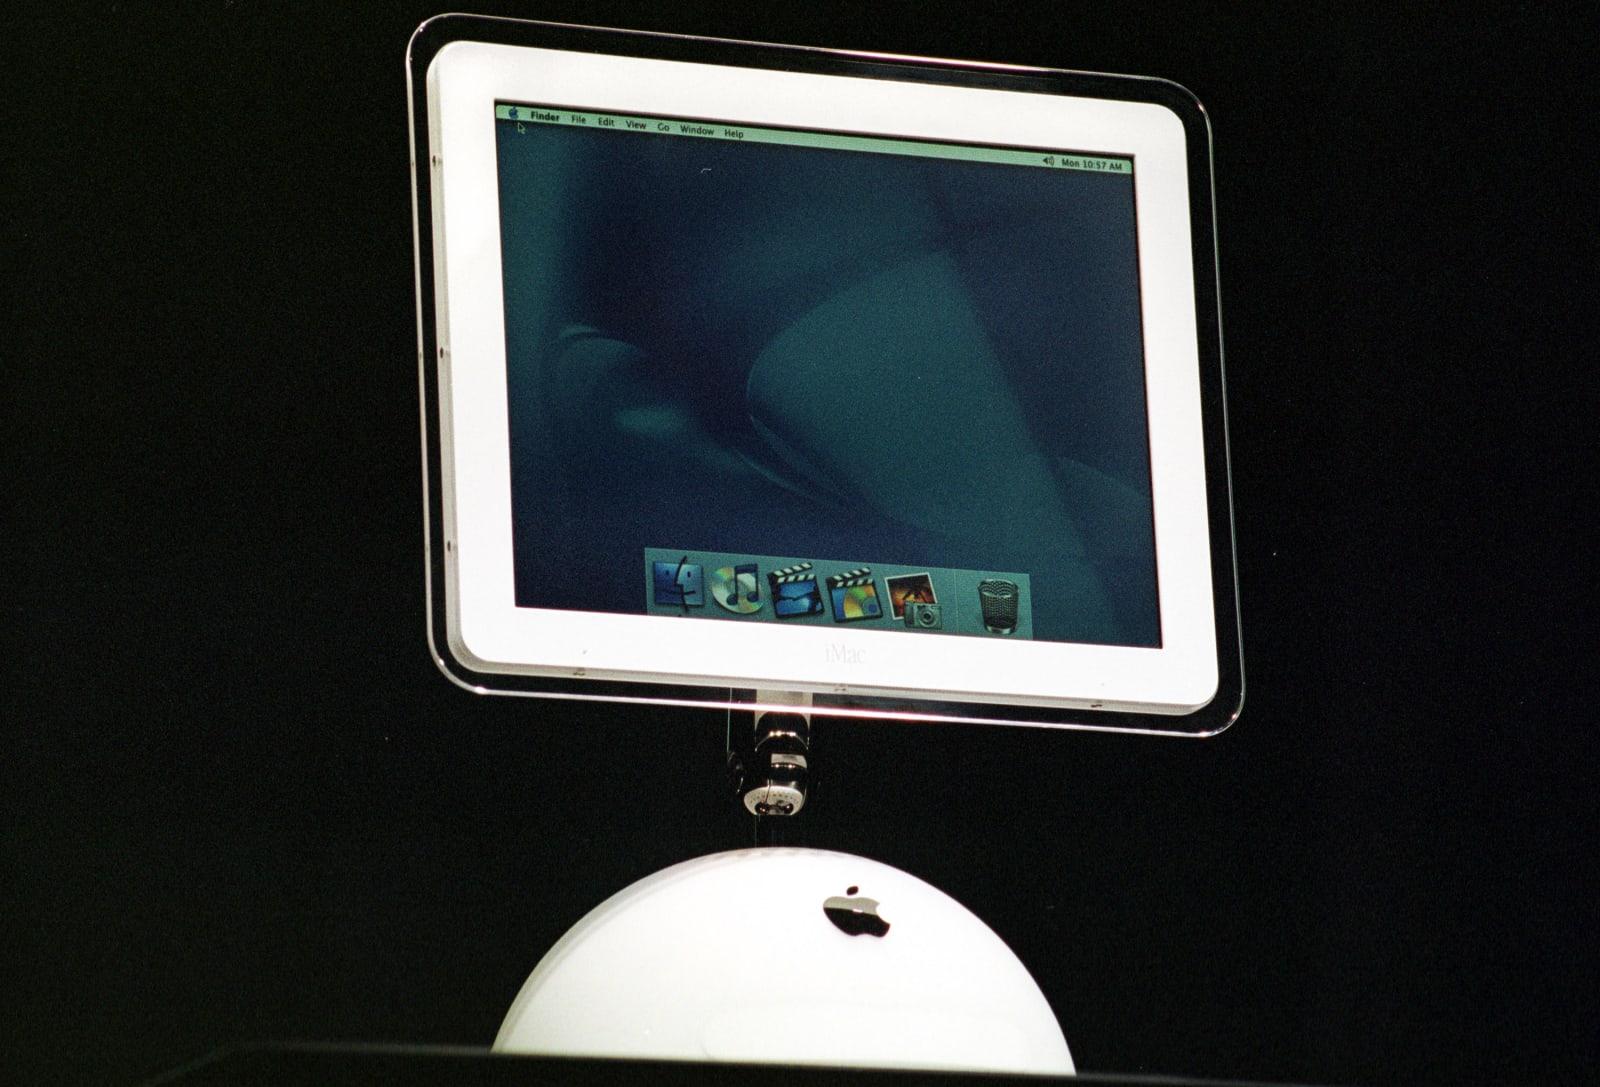 New iMac Introduced at Macworld